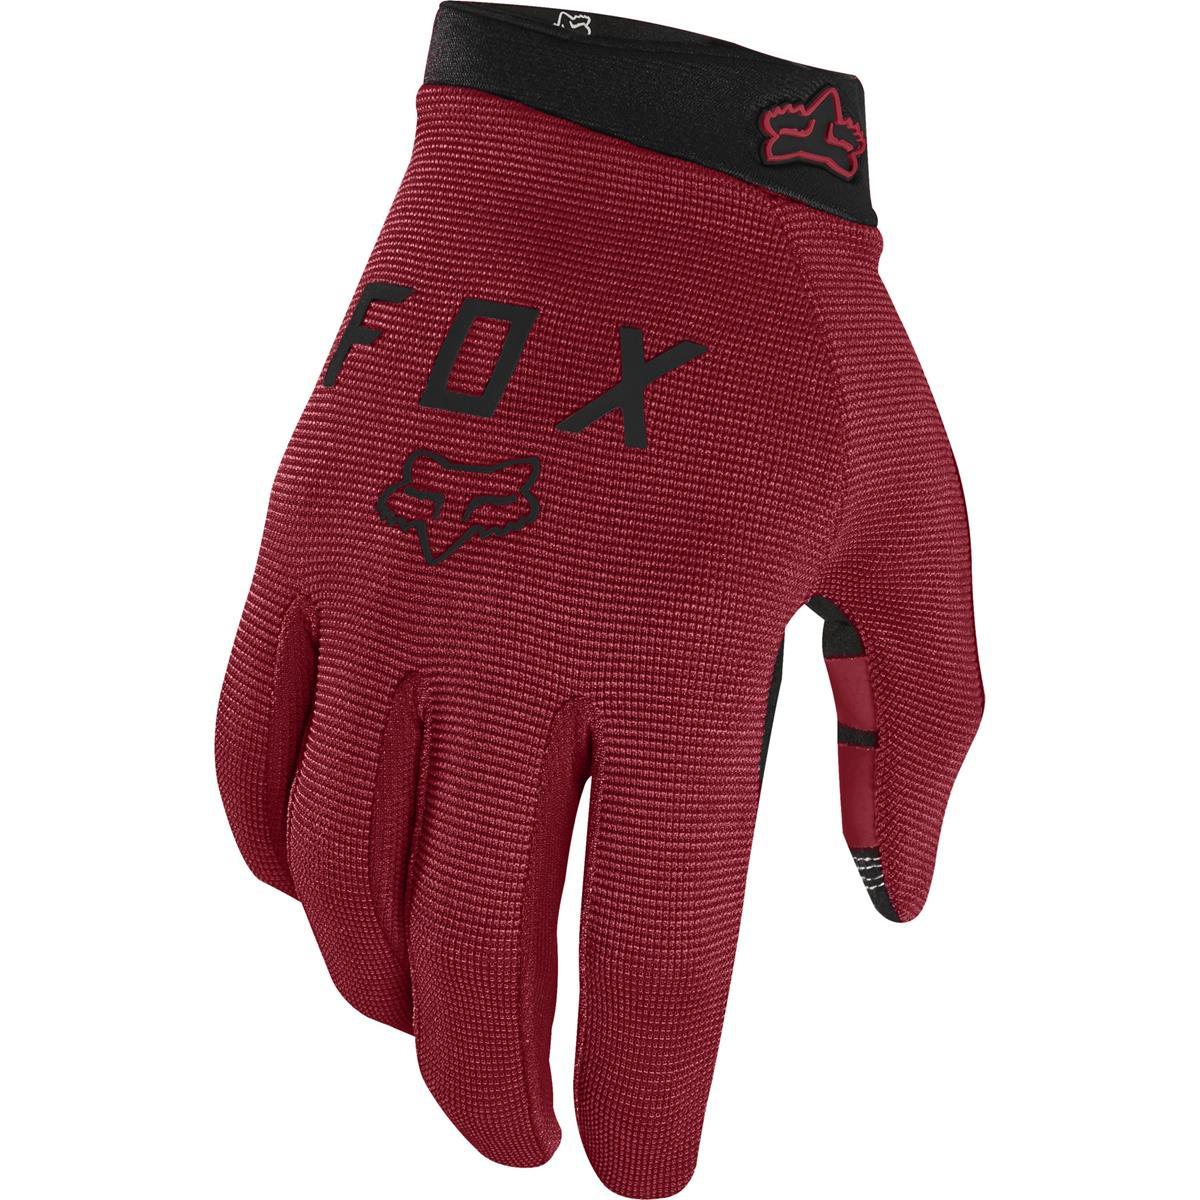 Fox Bike-Handschuhe Ranger Gel Cardinal